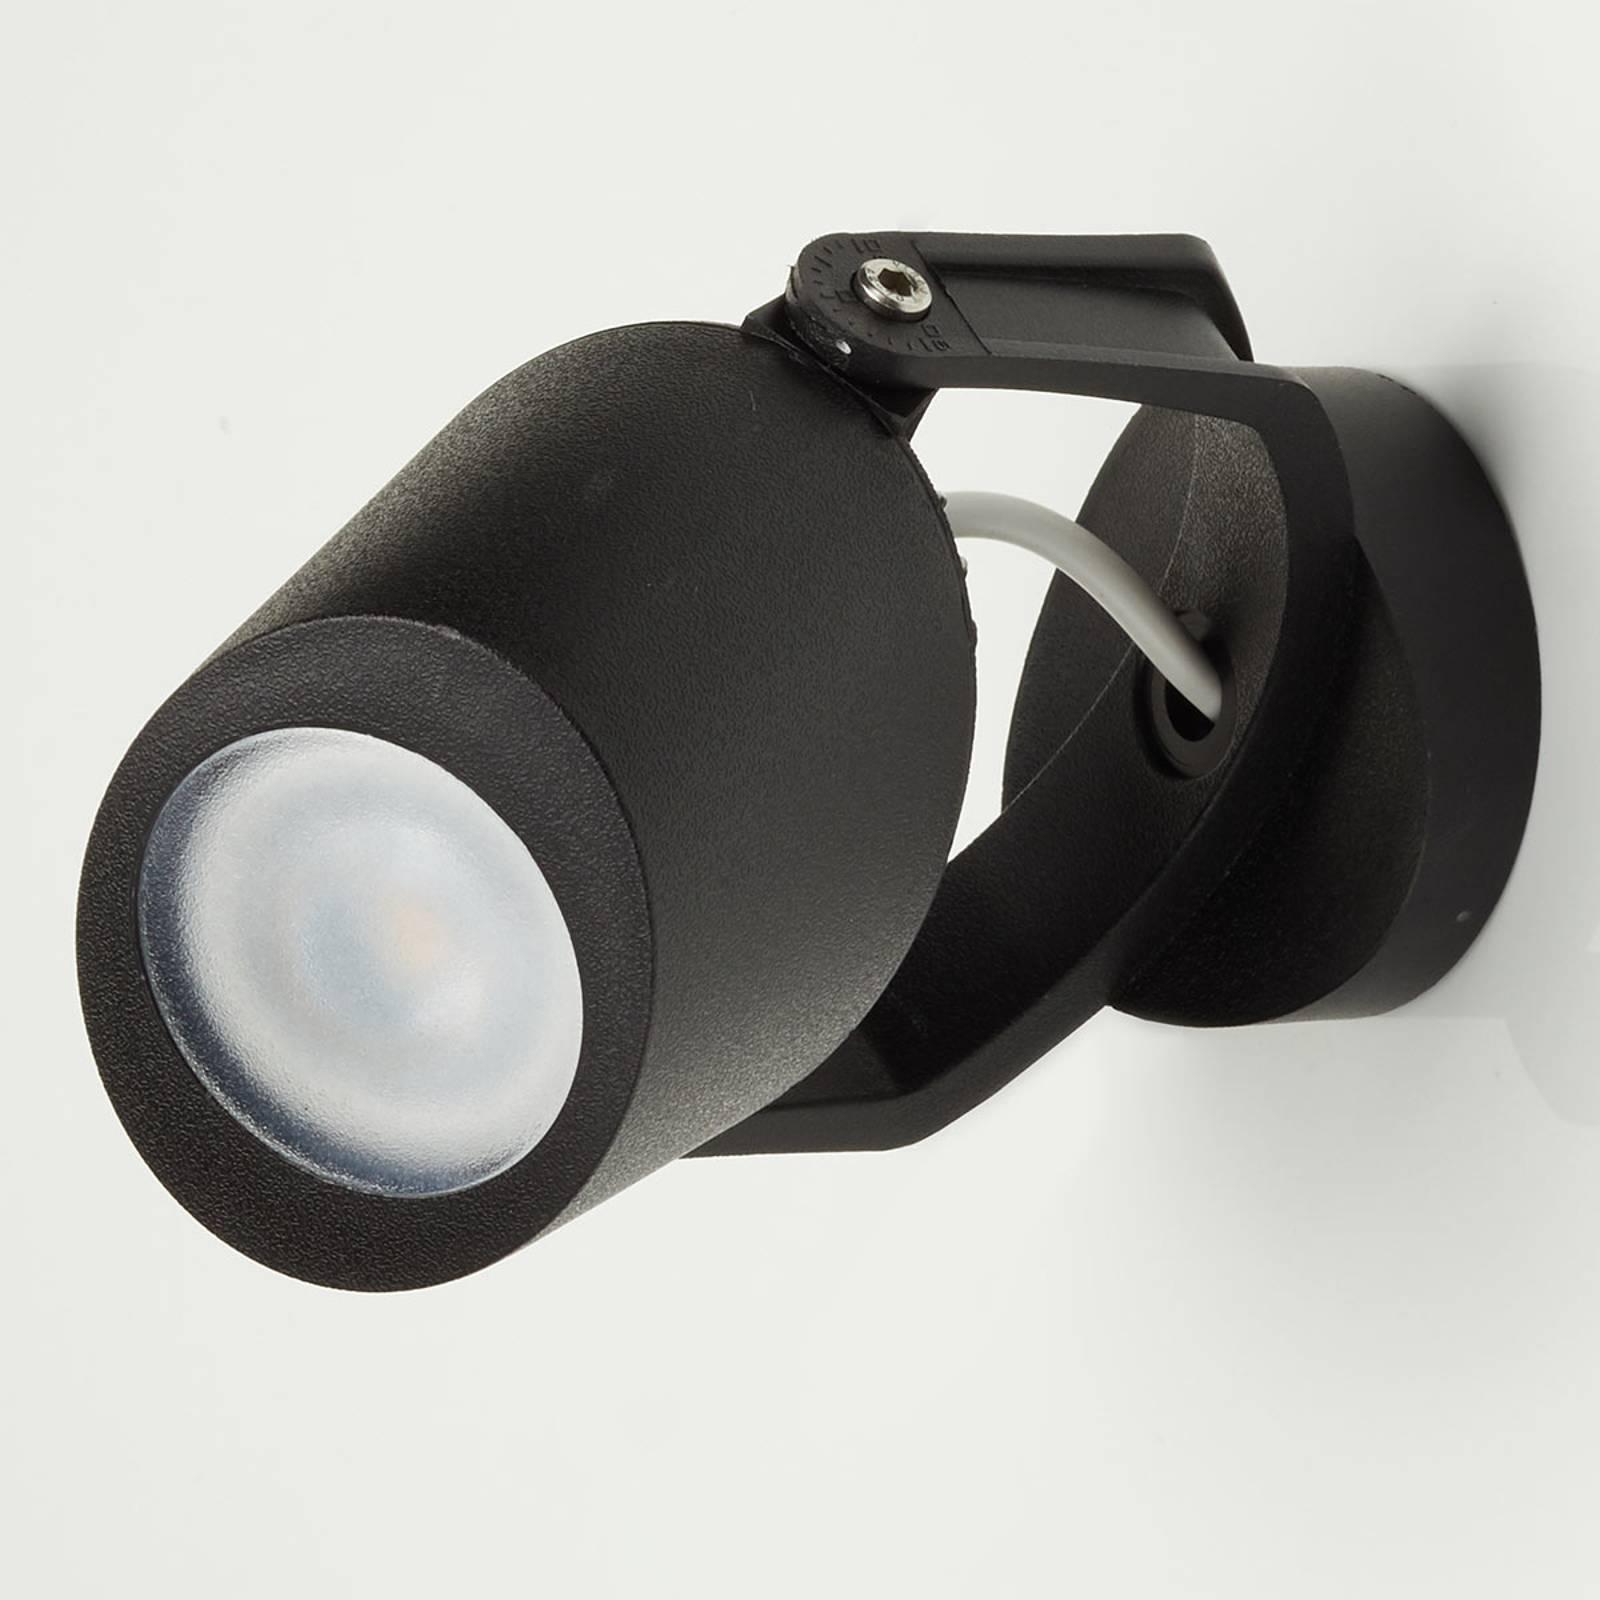 Anbdipot Minitommy 1 luce CCT nero/ghiacciato